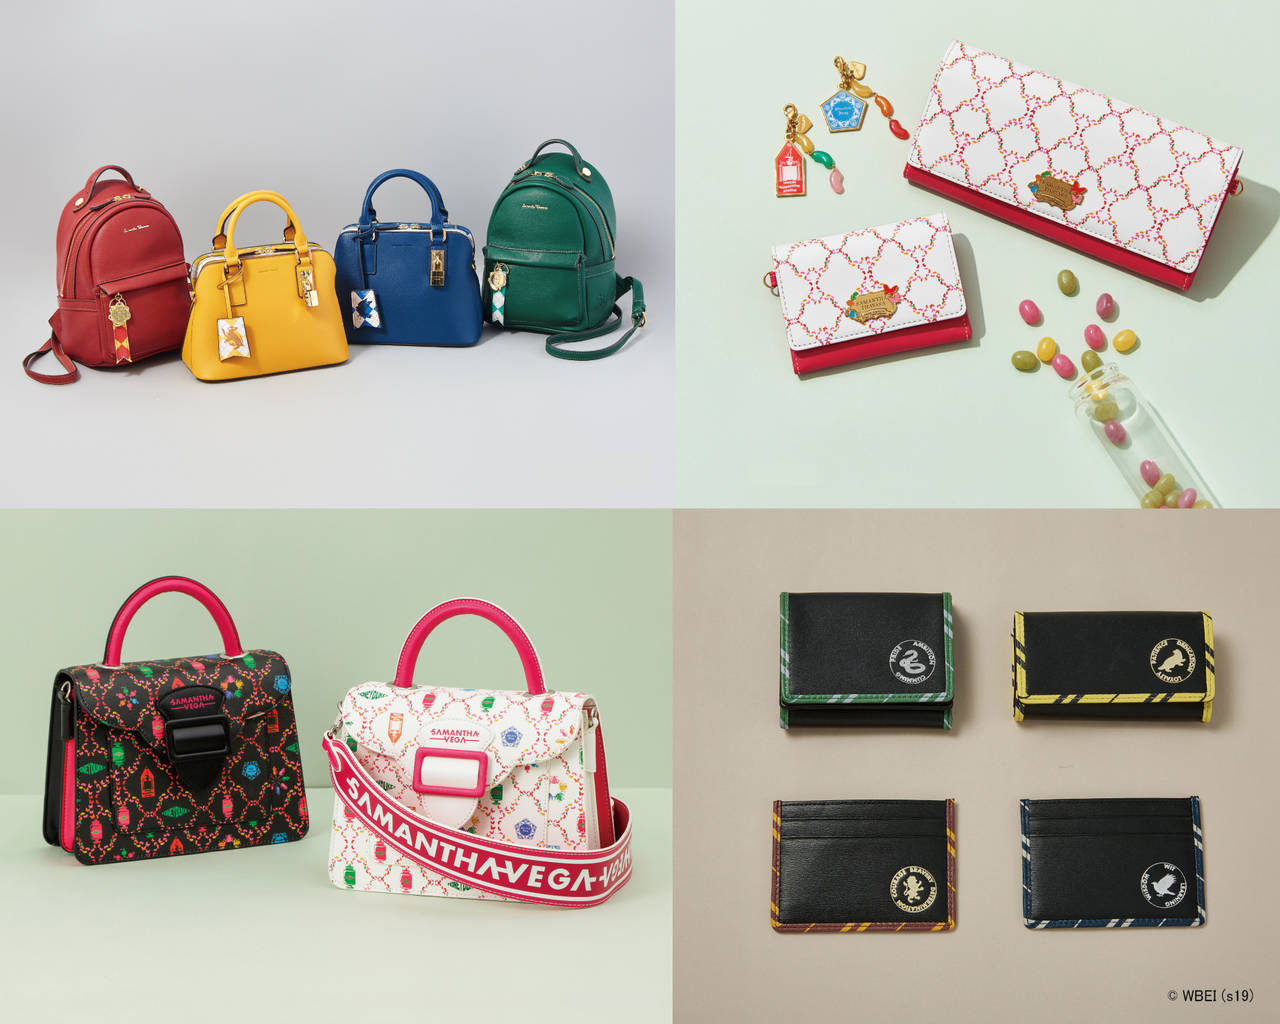 『ハリー・ポッター』×「サマンサタバサ」! ホグワーツ寮をイメージしたバッグや財布など♪